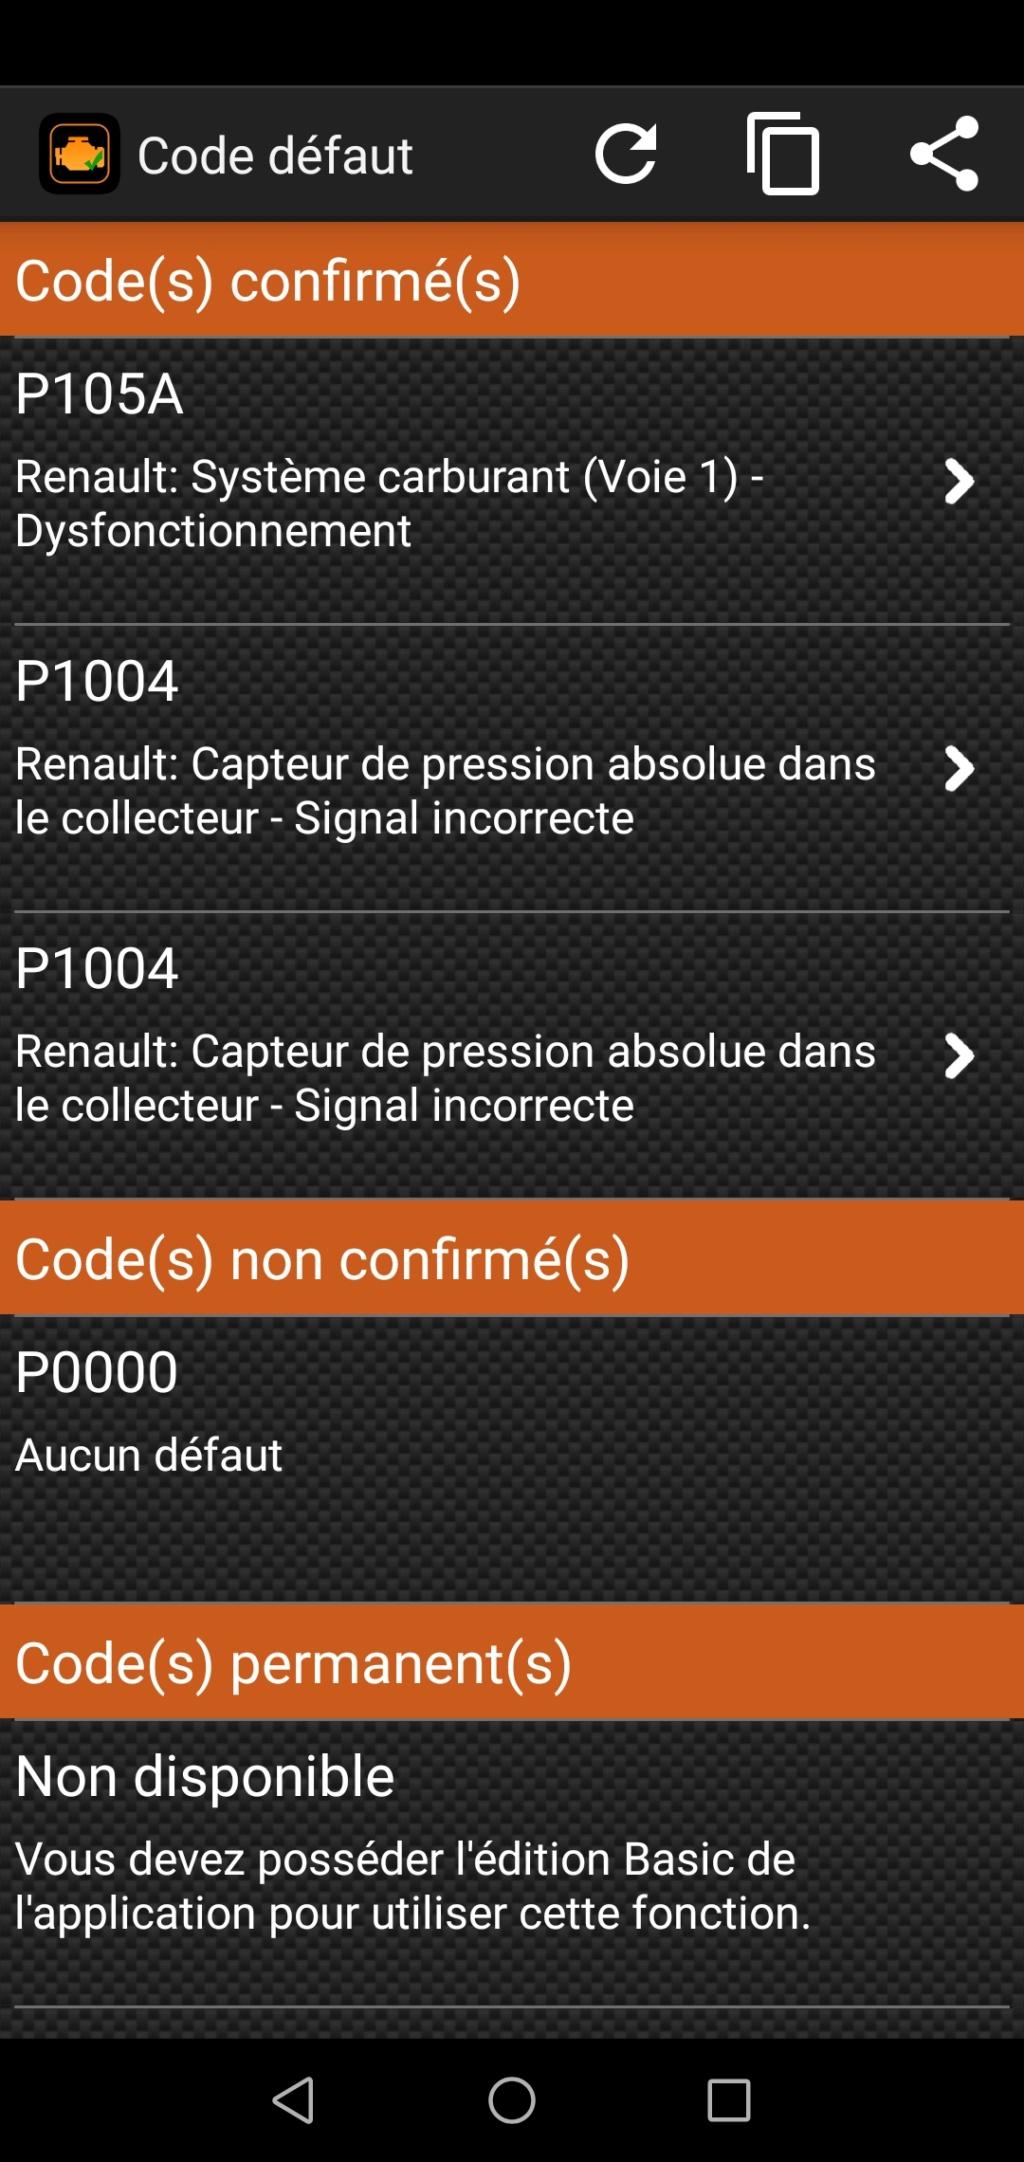 [ Renault Twingo 1.2 16v an 2001 ] Voyant défaillance électronique - Page 2 Screen11